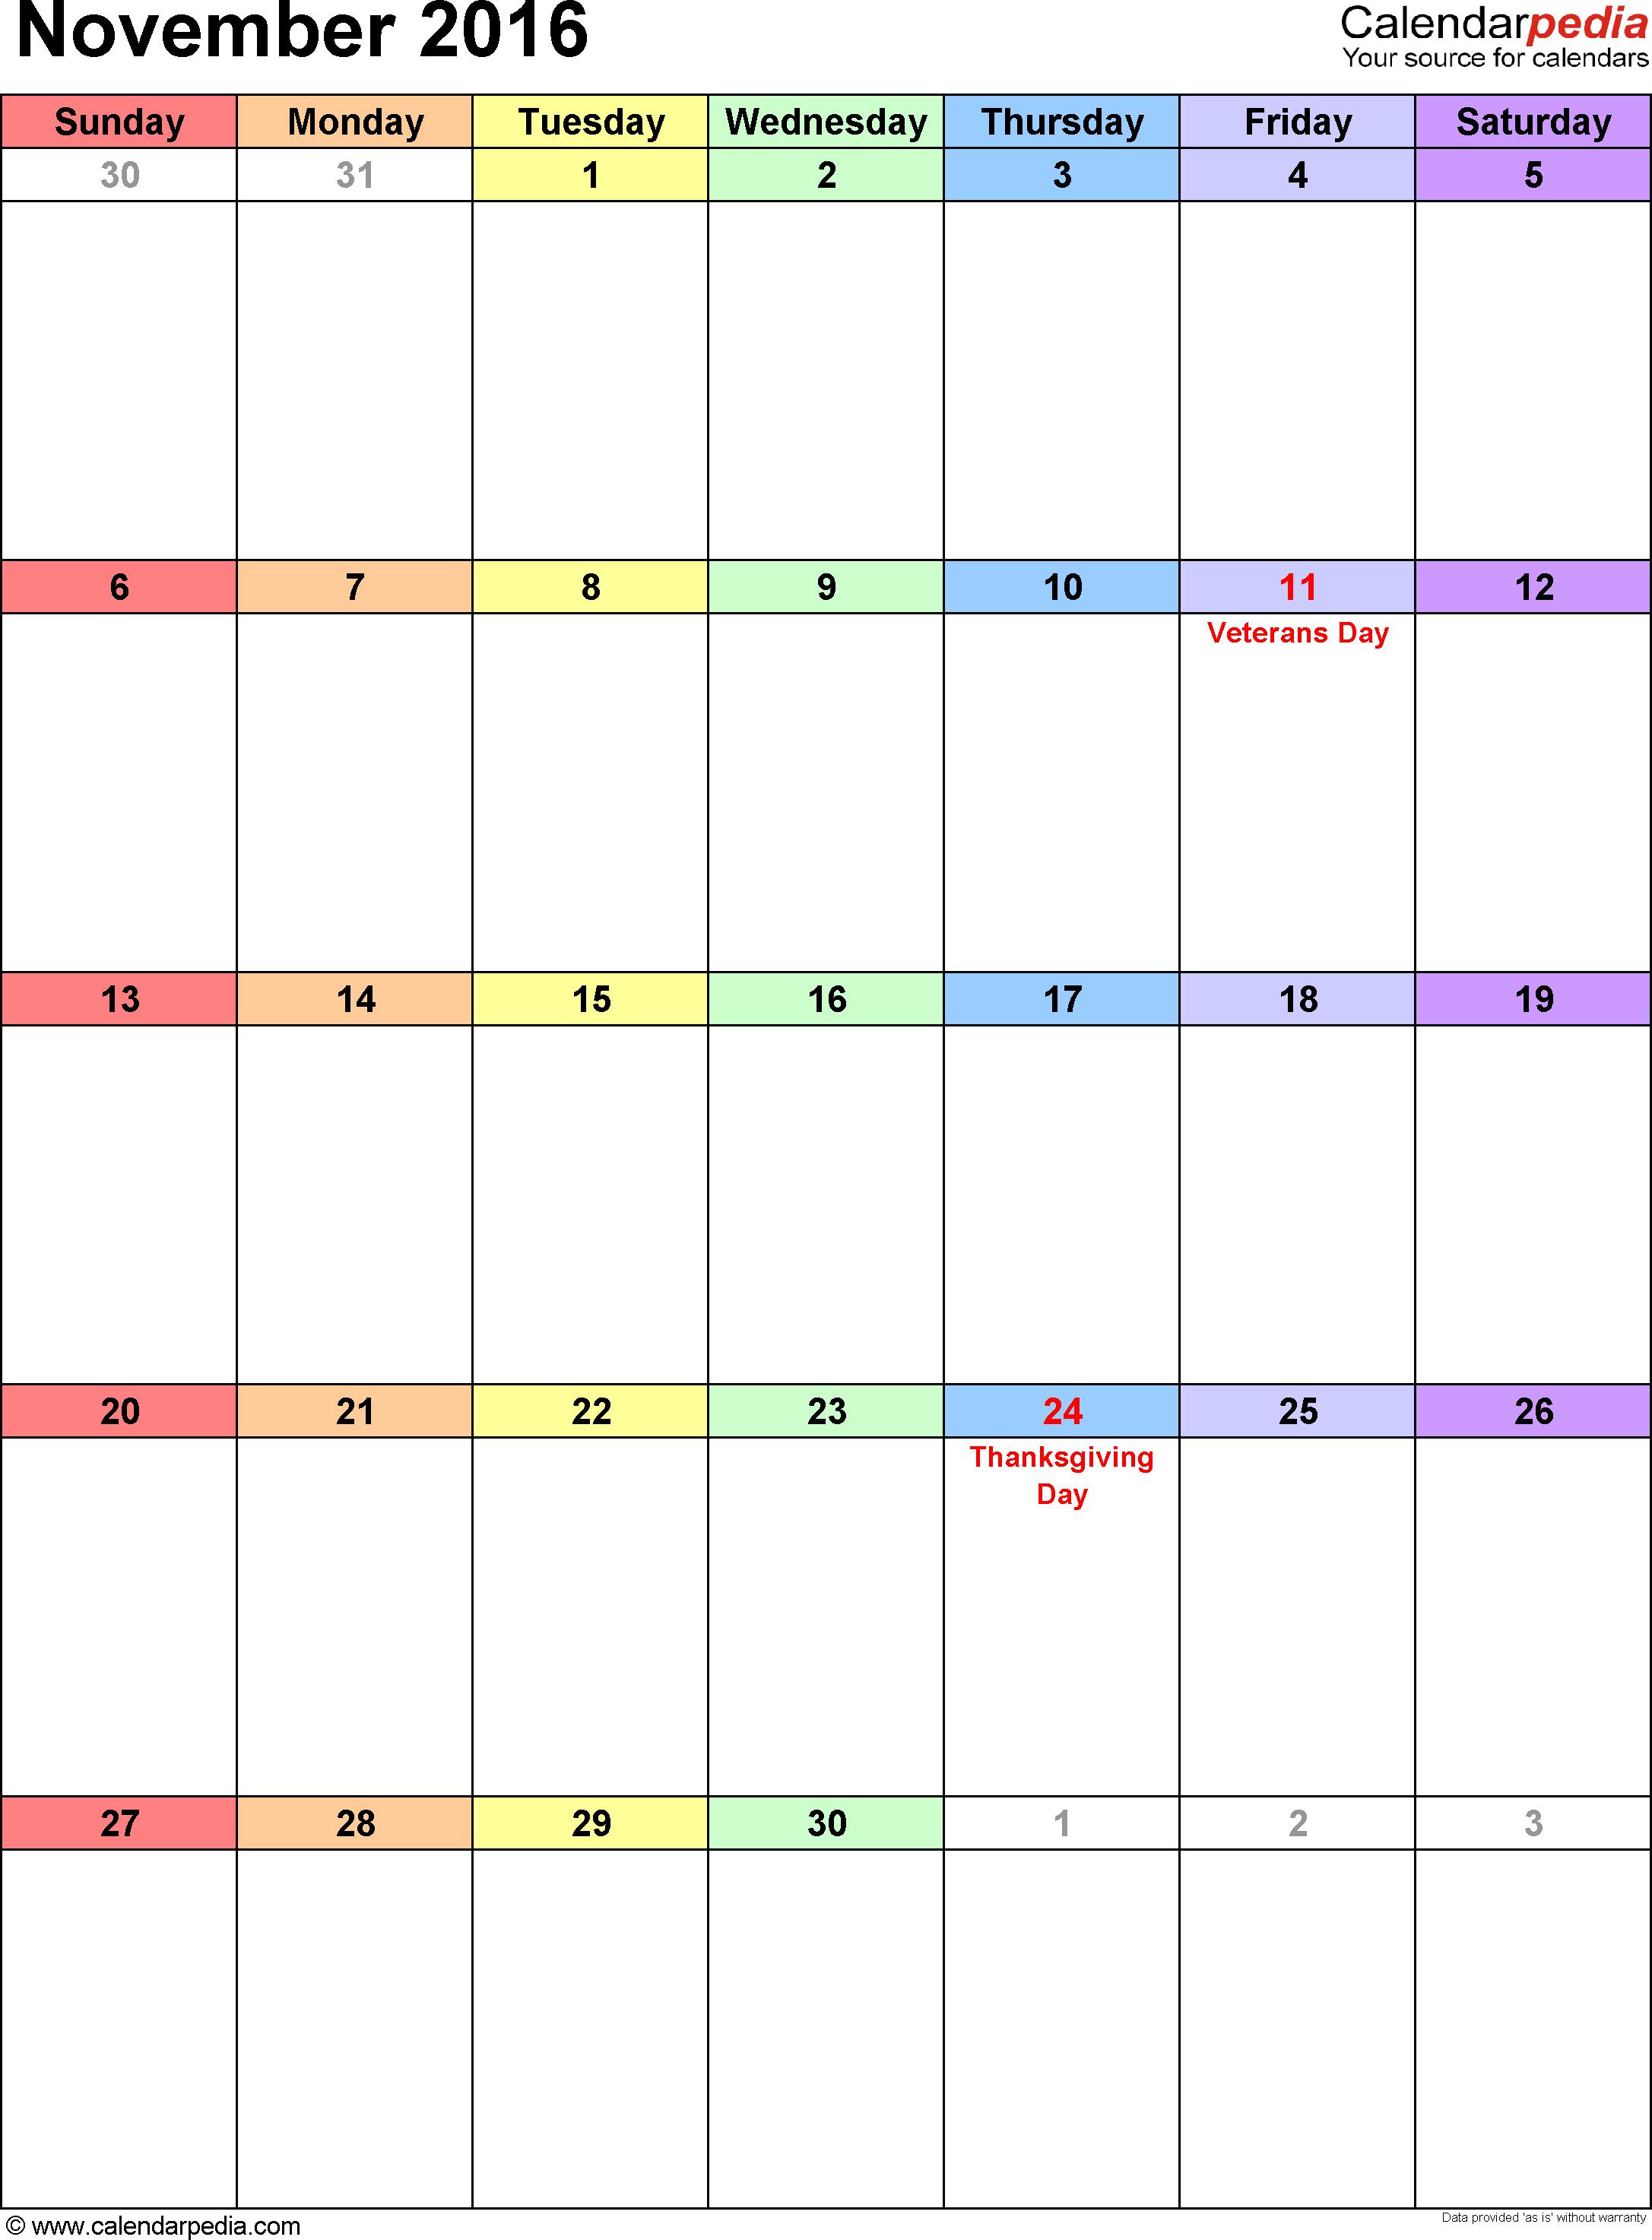 Calendar clipart november 2016 vector free library November 2016 Calendars for Word, Excel & PDF vector free library